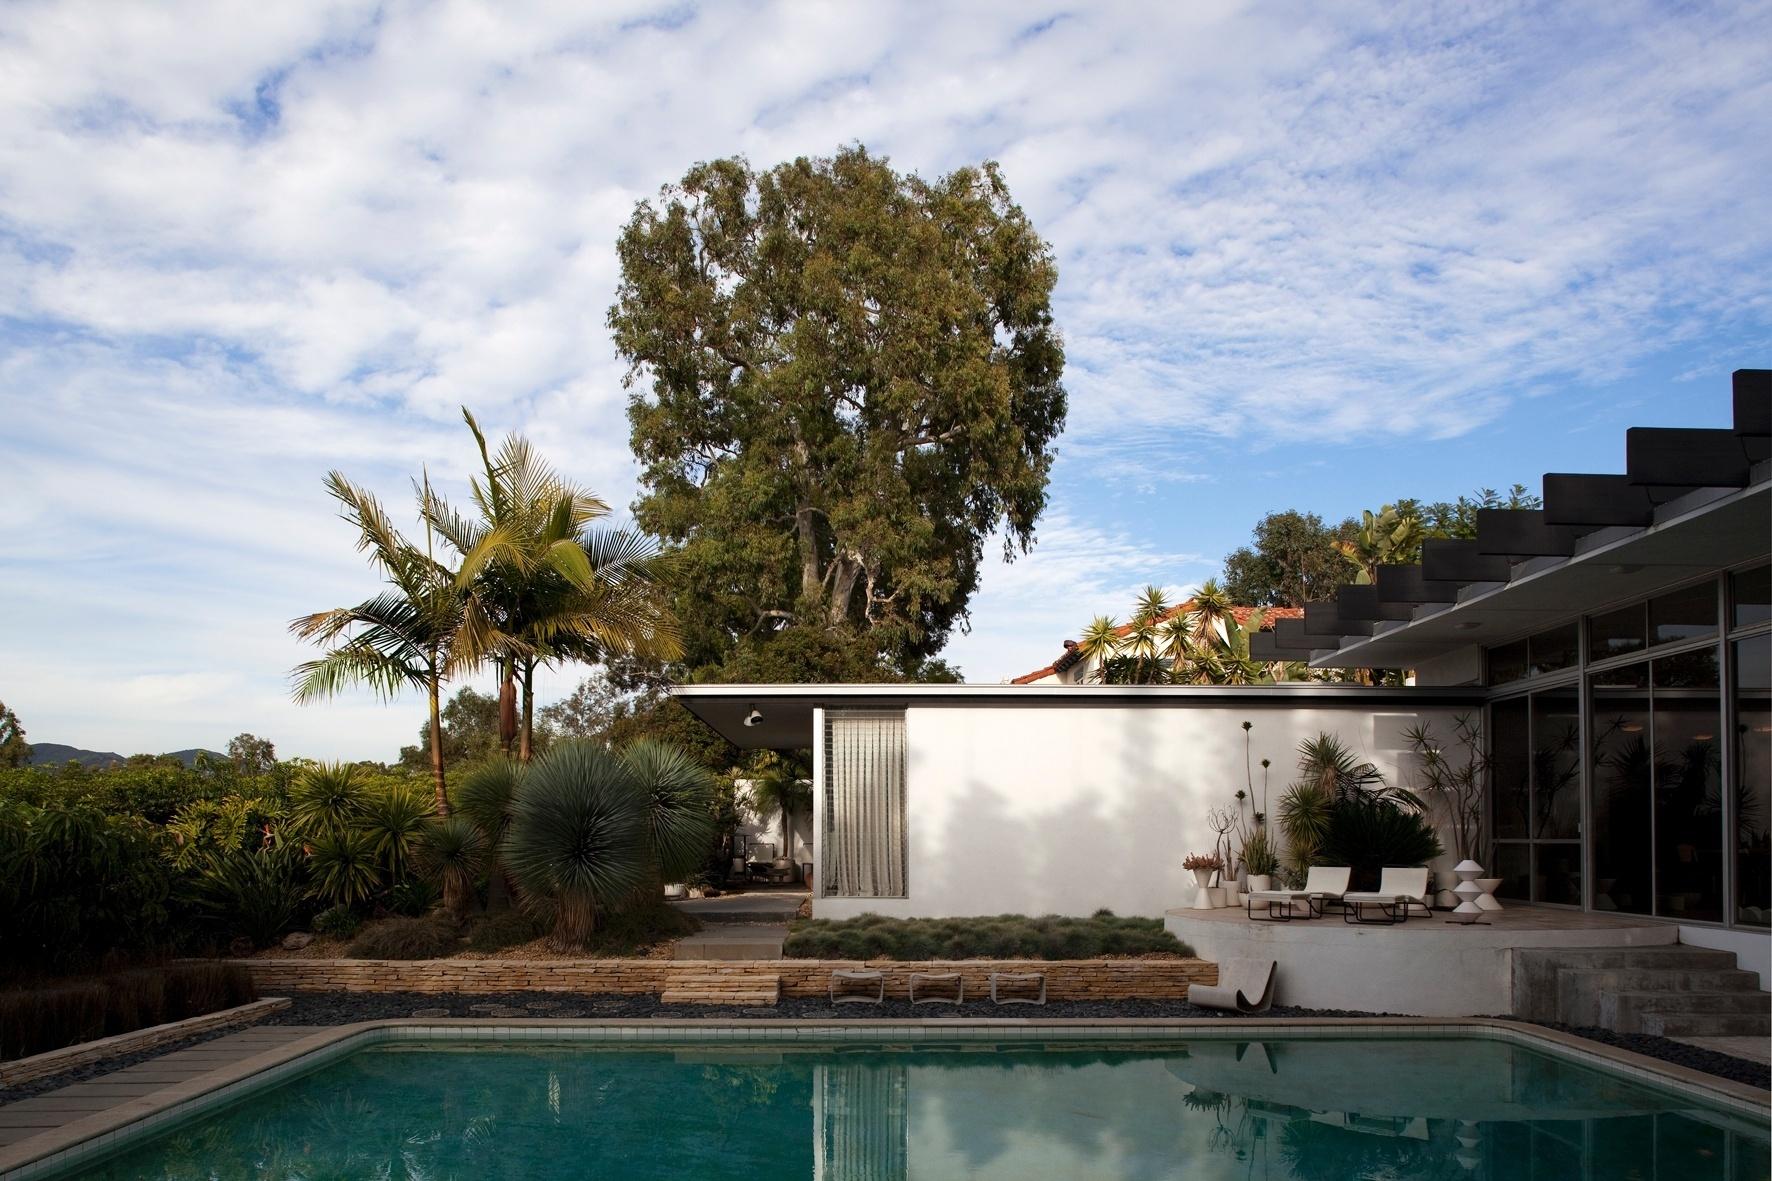 A área social é fechada em vidro, tanto nos fundos - para a piscina - como na frente, voltada para as colinas de Santa Monica, na Califórnia. A casa Joseph Strick é térrea e estruturada em concreto armado, possui amplos espaços de convivência e dormitórios pequenos e reservados. A ideia original do projeto de Oscar Niemeyer era aproveitar grande parte do volume para abrir vista às montanhas, cuja fluidez remete à curvilínea paisagem carioca